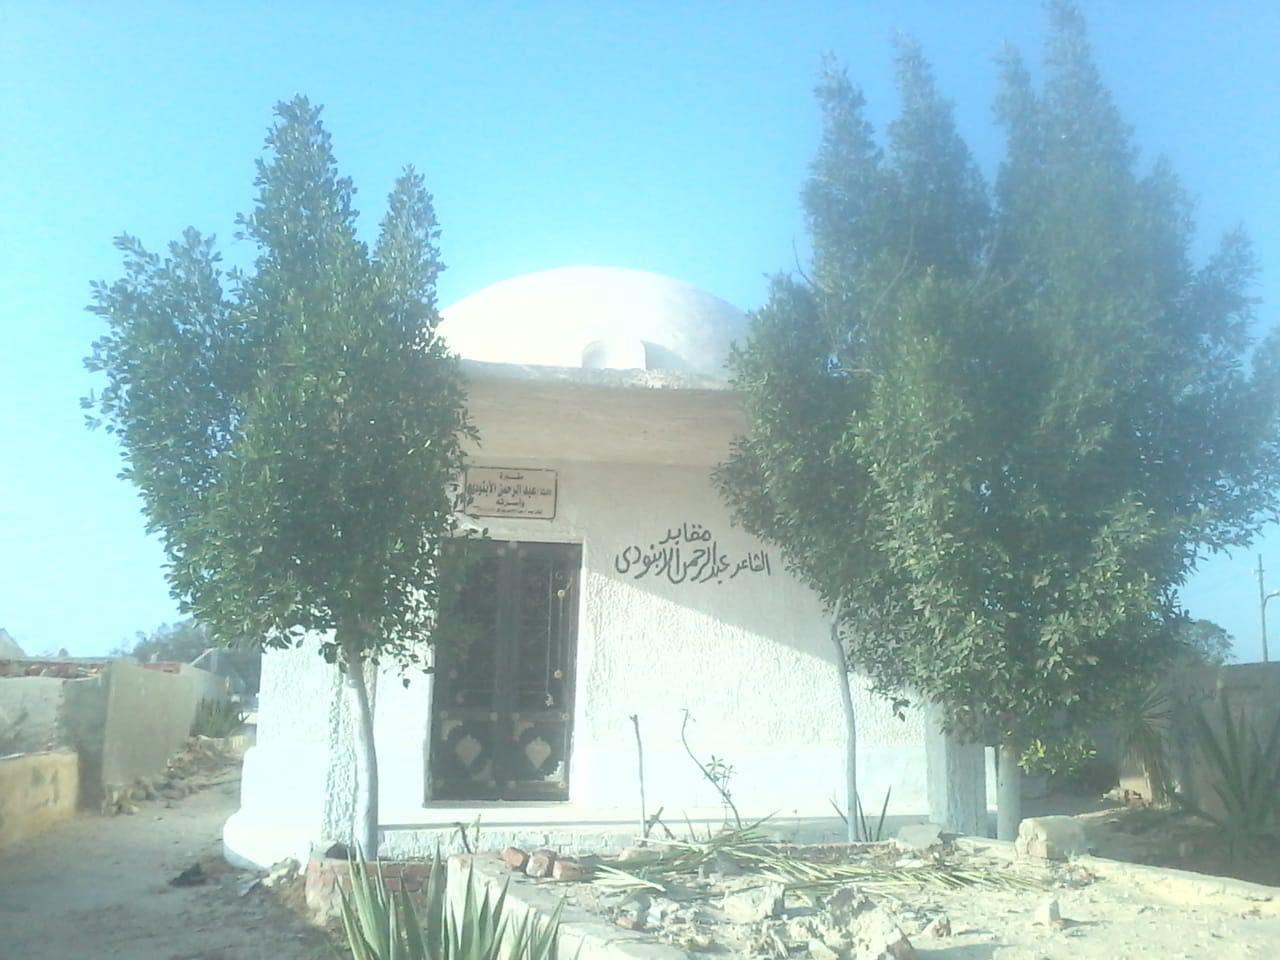 مقبرة الأبنودي بقرية أبنود بمحافظة قنا جنوبي مصر